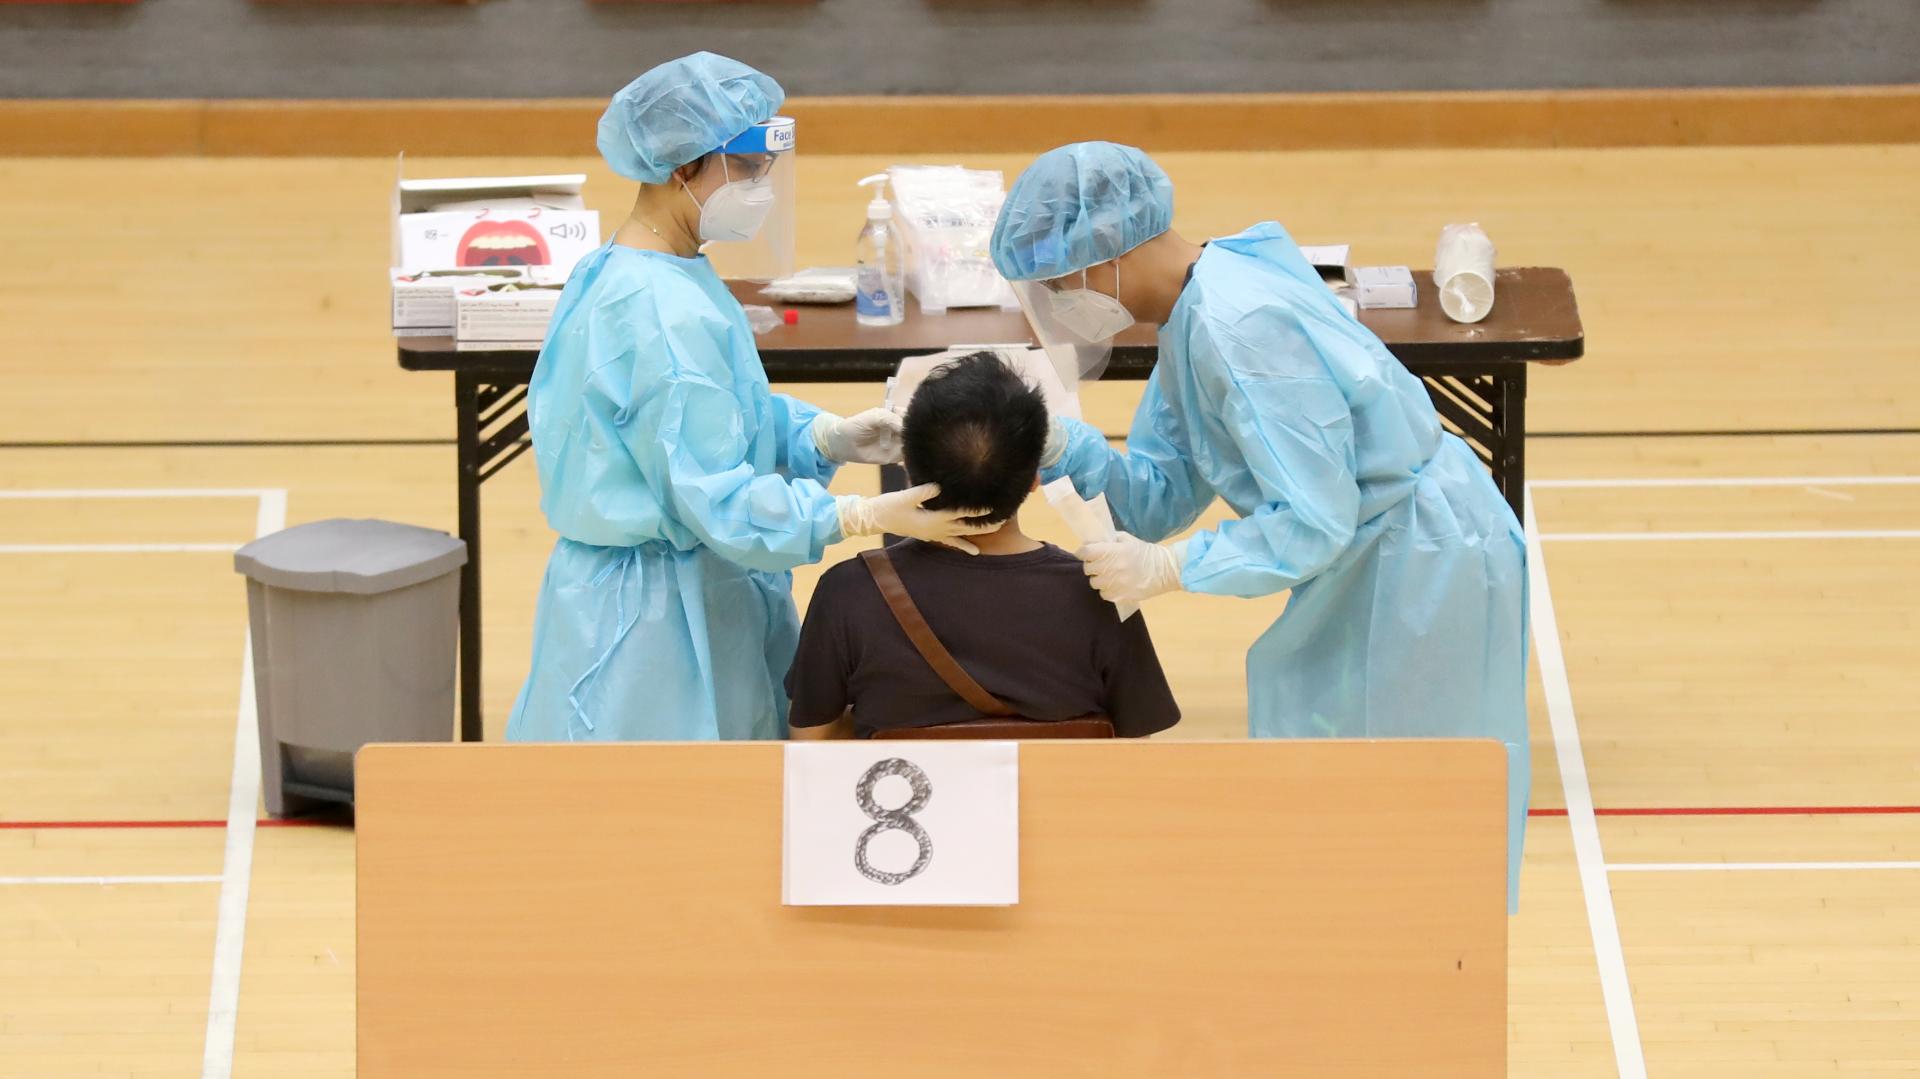 食衞局:正研究強制檢測法律框架 將適時公布